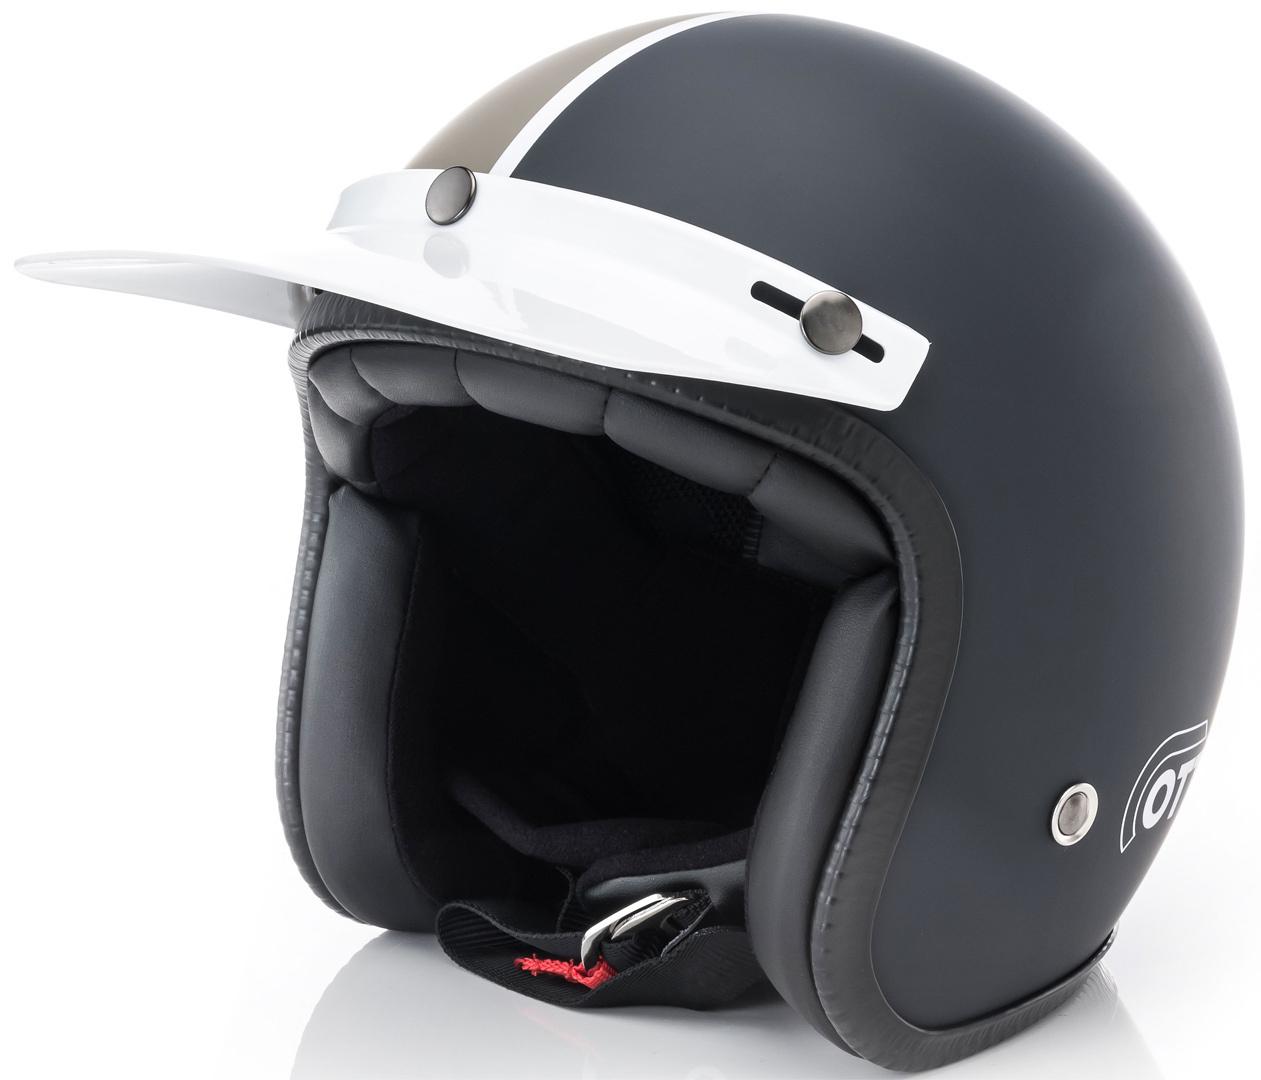 Acerbis Ottano Jet Helm, grün-blau, Größe L, grün-blau, Größe L